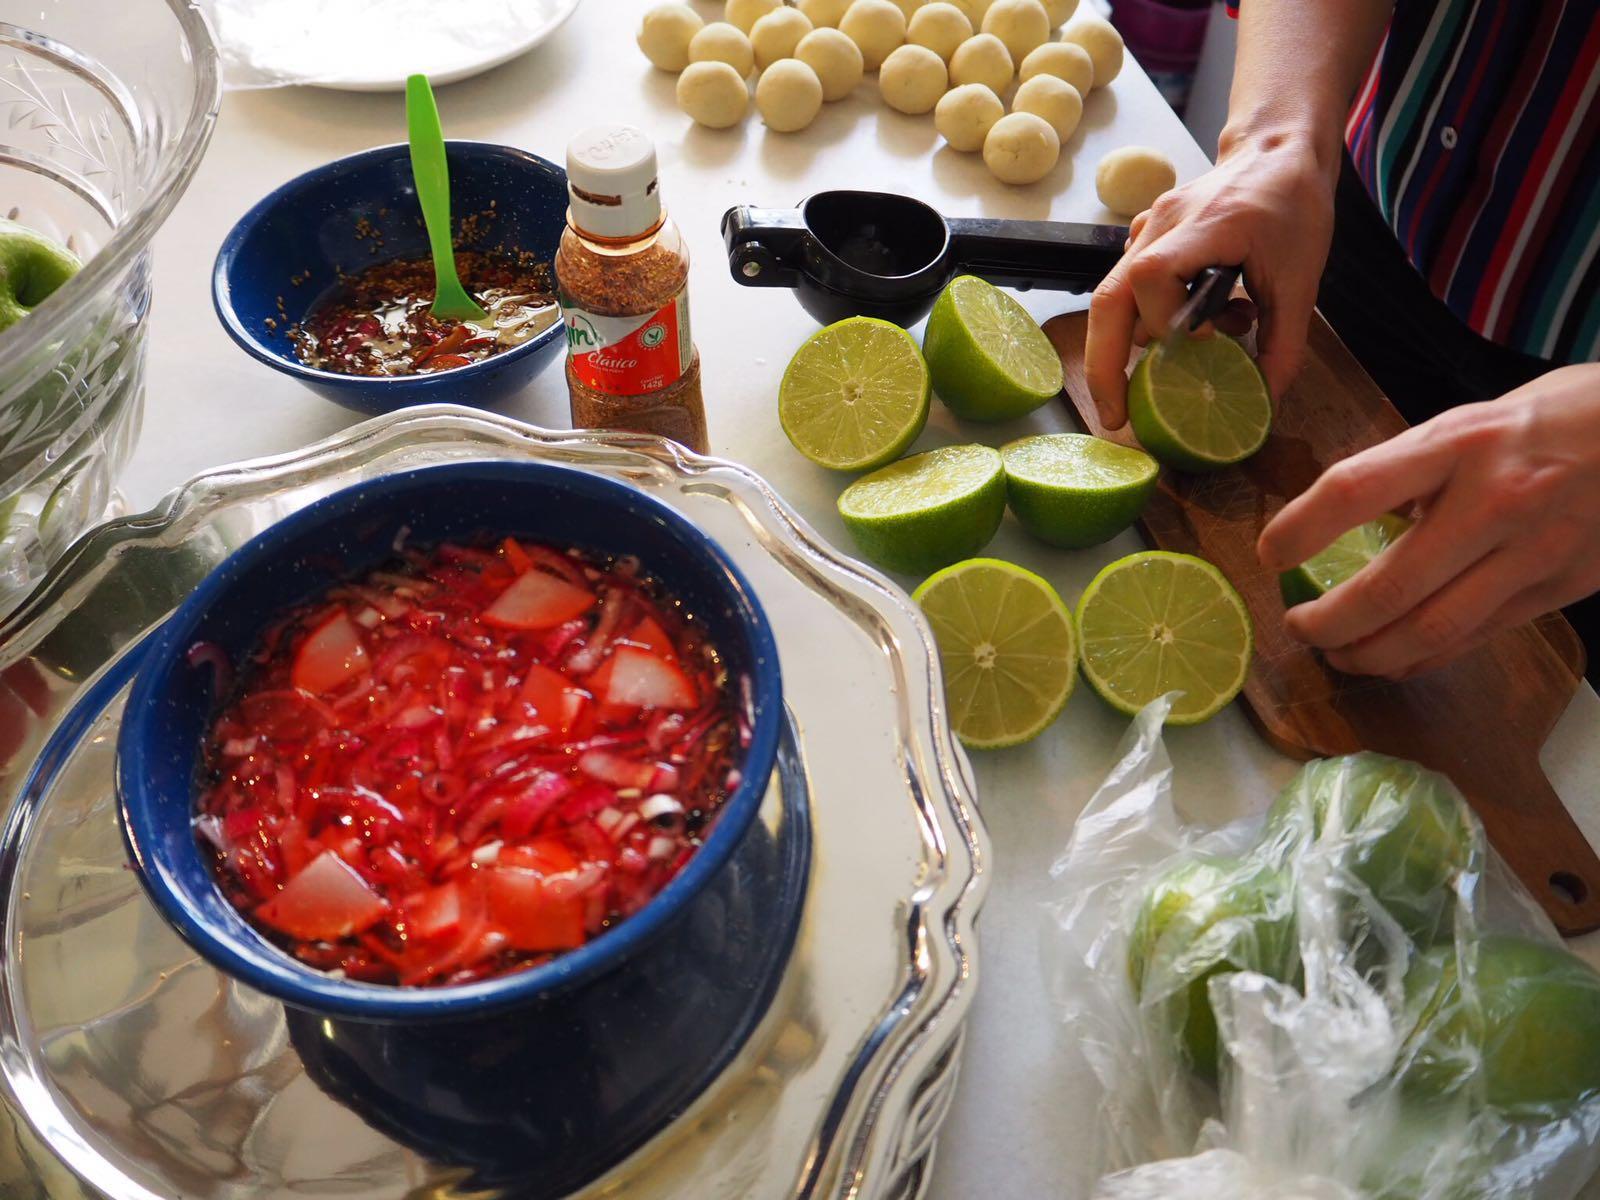 Takering catering mejicano